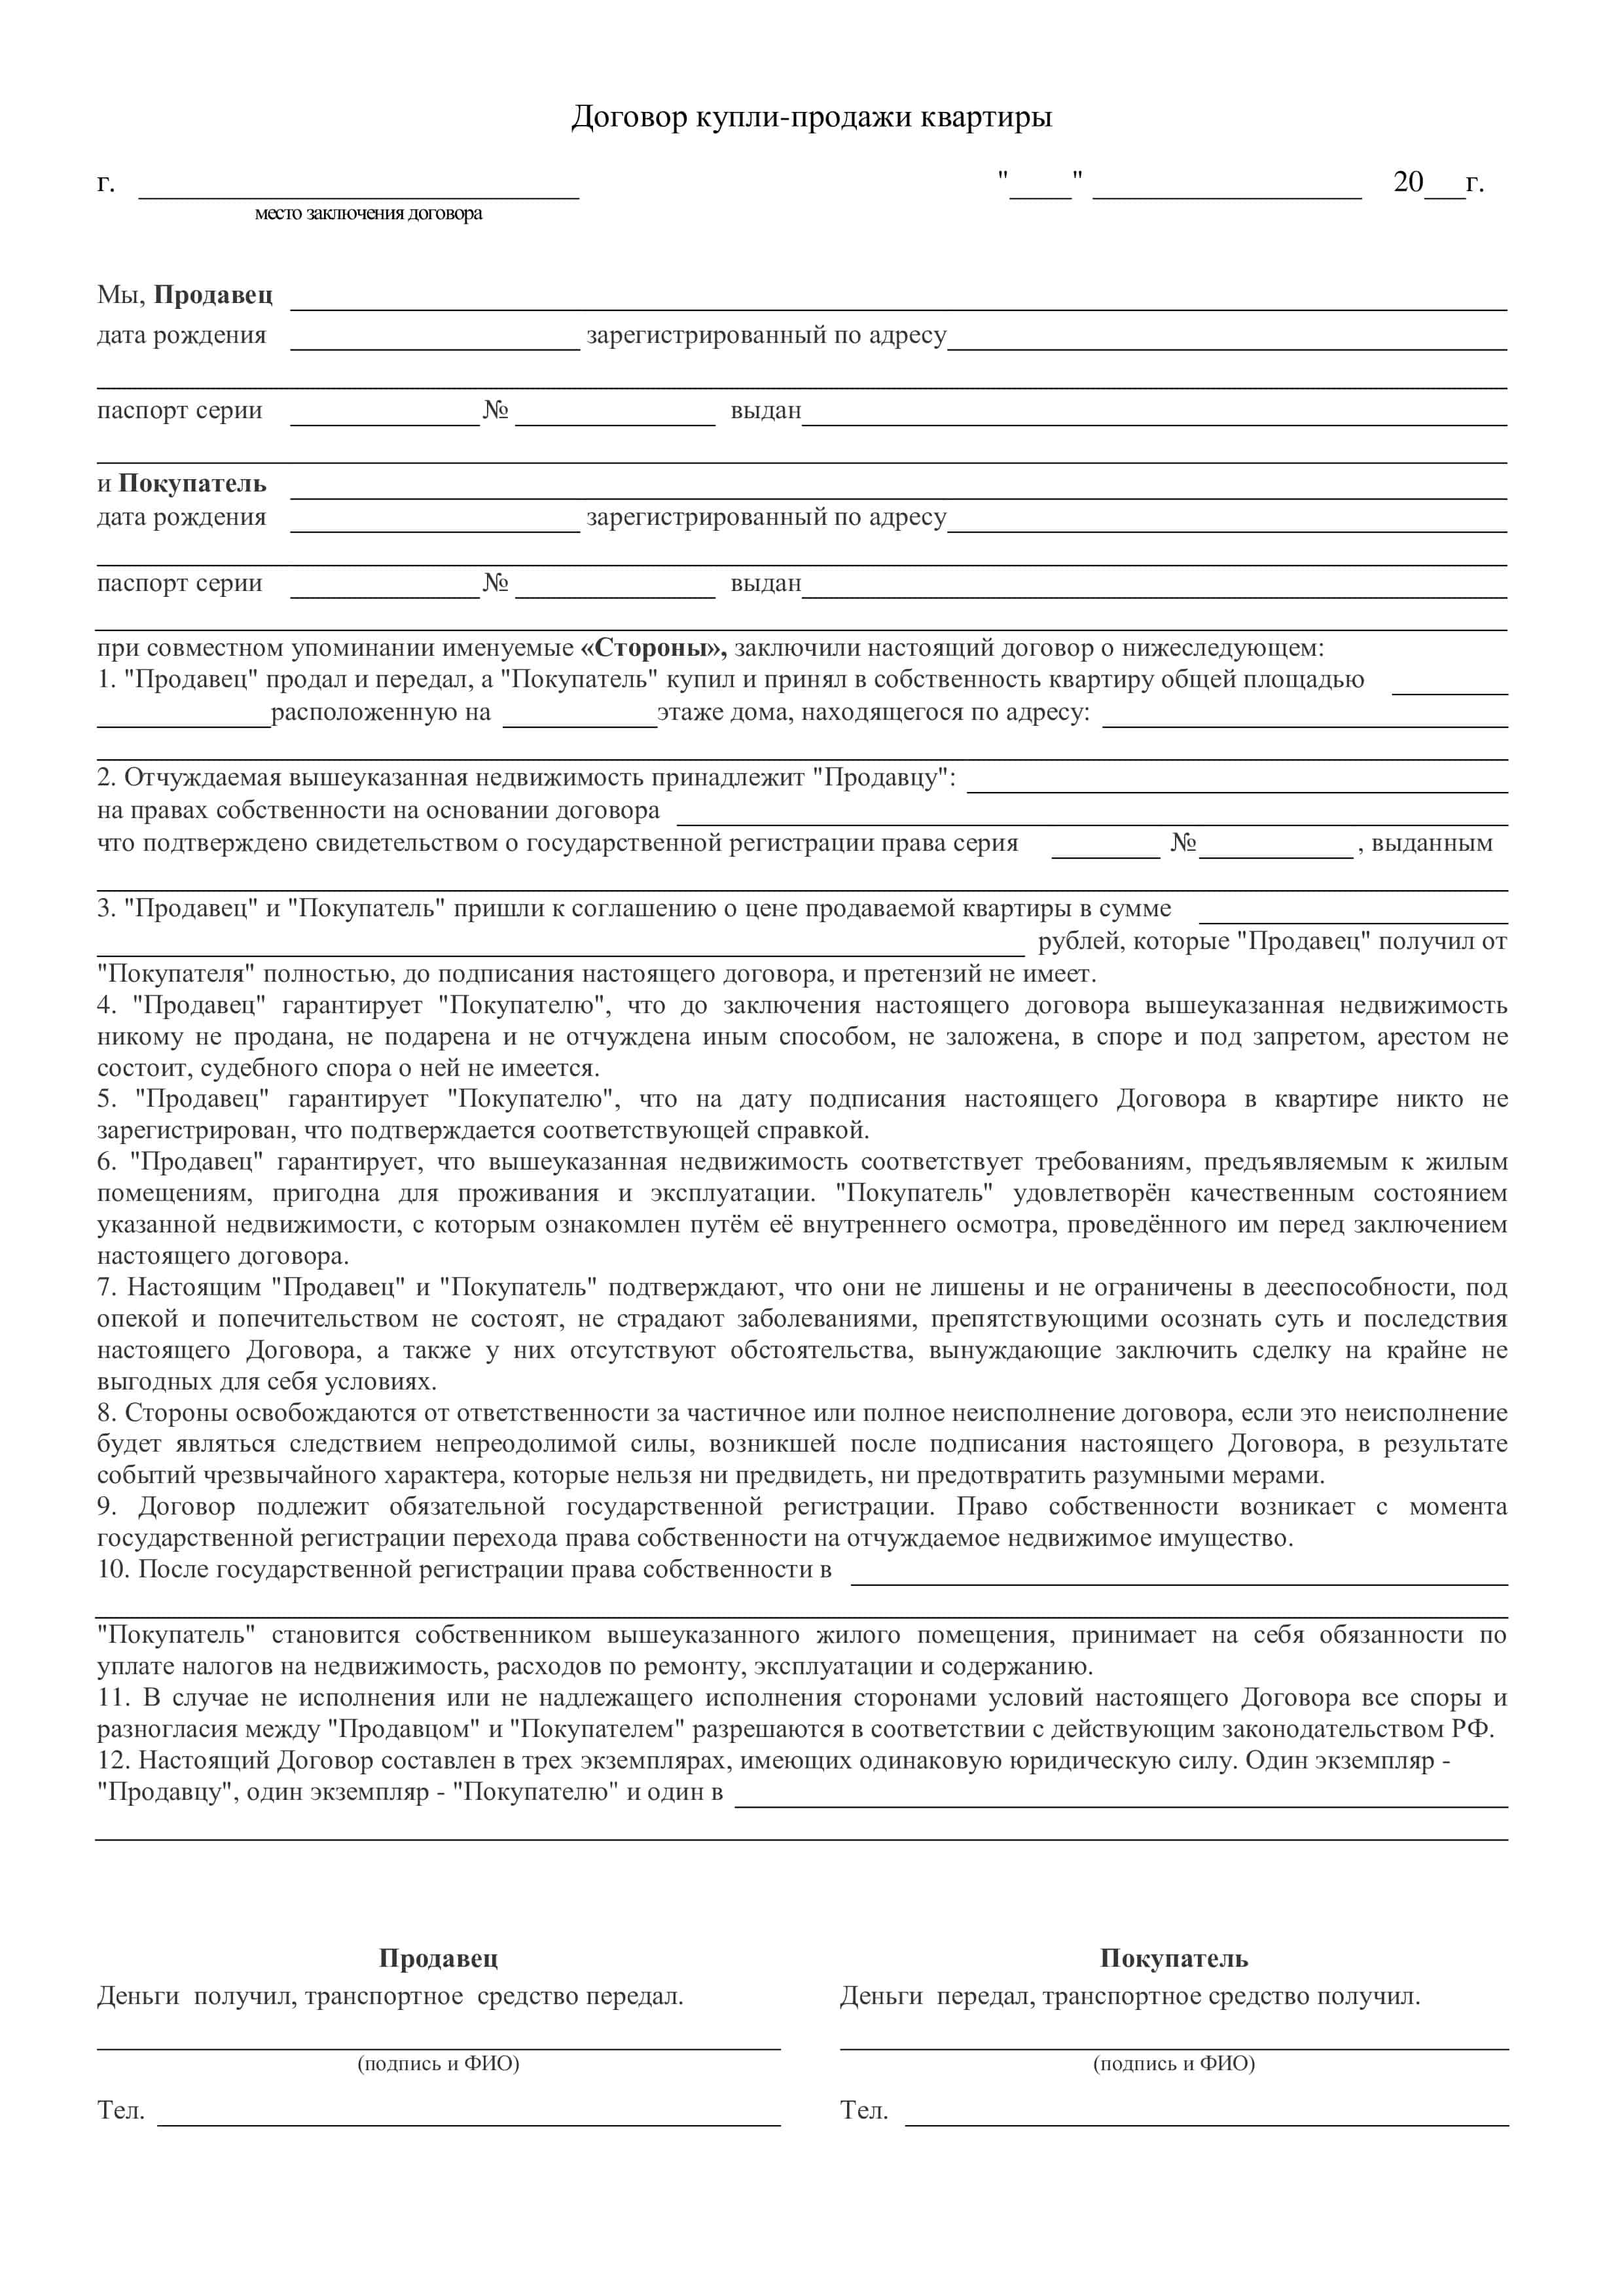 Договор купли-продажи земельного участка: особенности и правила составления документа